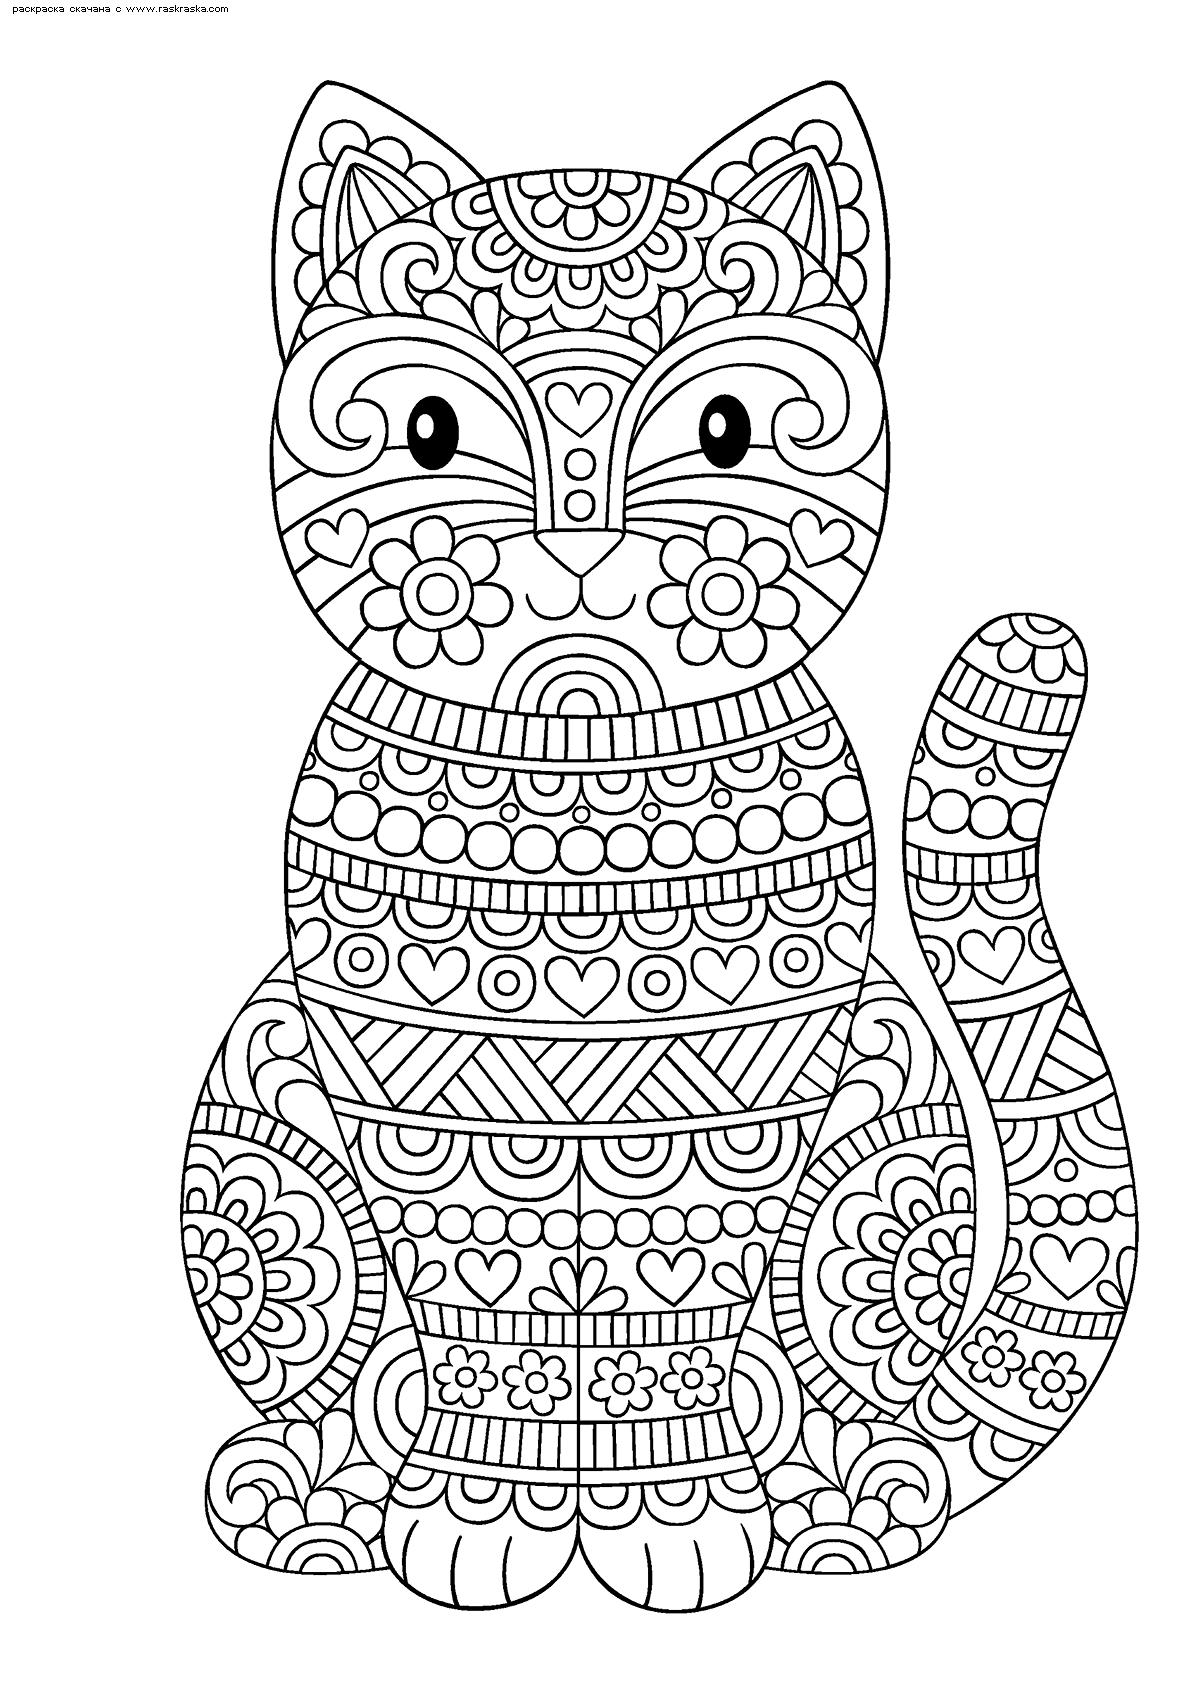 Раскраска Милая кошечка | Раскраски антистресс Кошки ...